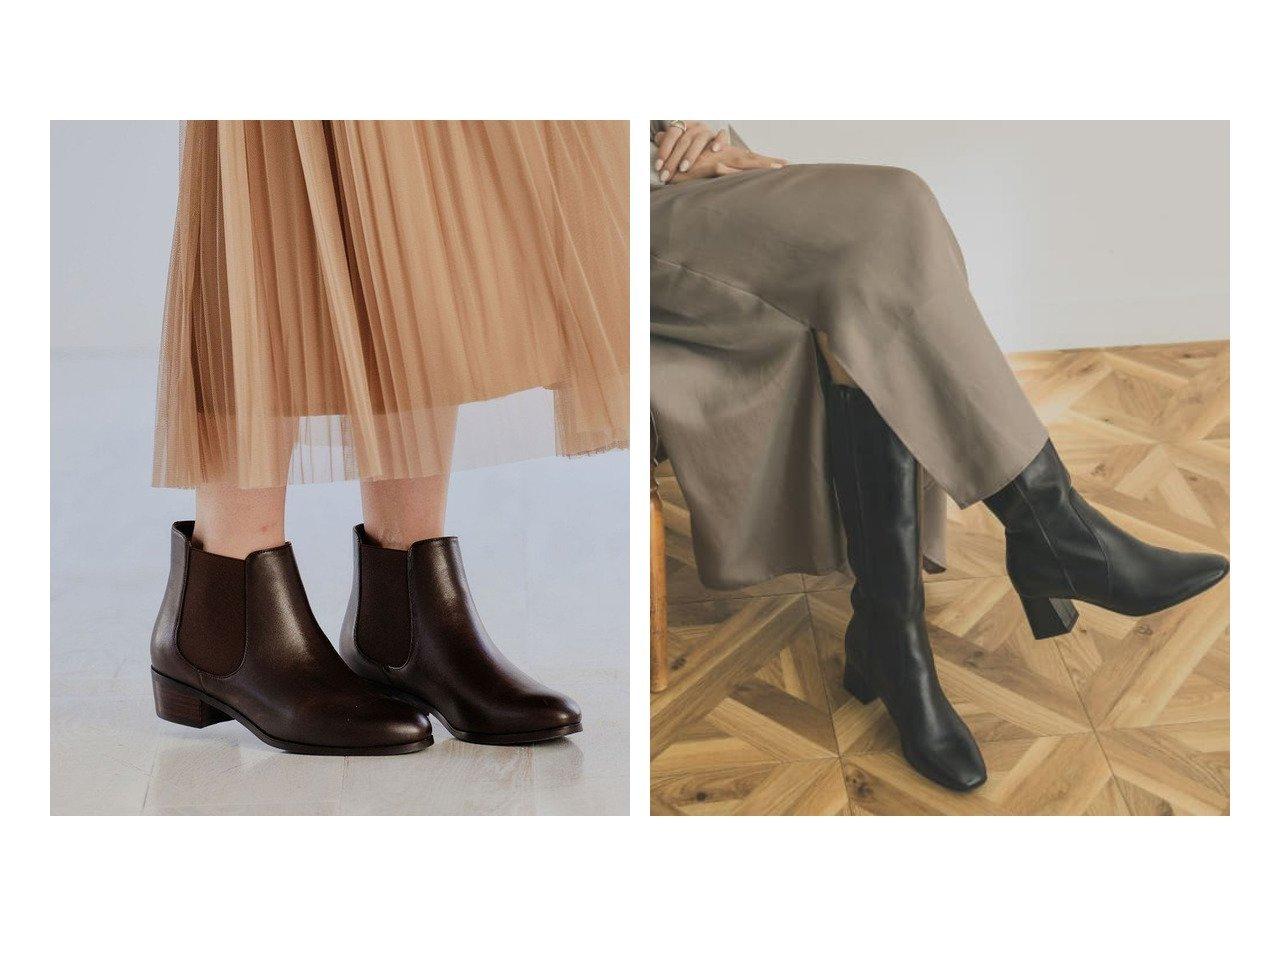 【green label relaxing / UNITED ARROWS/グリーンレーベル リラクシング / ユナイテッドアローズ】の21.5cm~25.5cm SC サイドゴア ショートブーツ(3.5cmヒール)&【URBAN RESEARCH/アーバンリサーチ】のPagano レザーロングブーツ シューズ・靴のおすすめ!人気、レディースファッションの通販  おすすめで人気のファッション通販商品 インテリア・家具・キッズファッション・メンズファッション・レディースファッション・服の通販 founy(ファニー) https://founy.com/ ファッション Fashion レディース WOMEN クッション 今季 シューズ ショート ロング ワイド トレンド バランス |ID:crp329100000004096